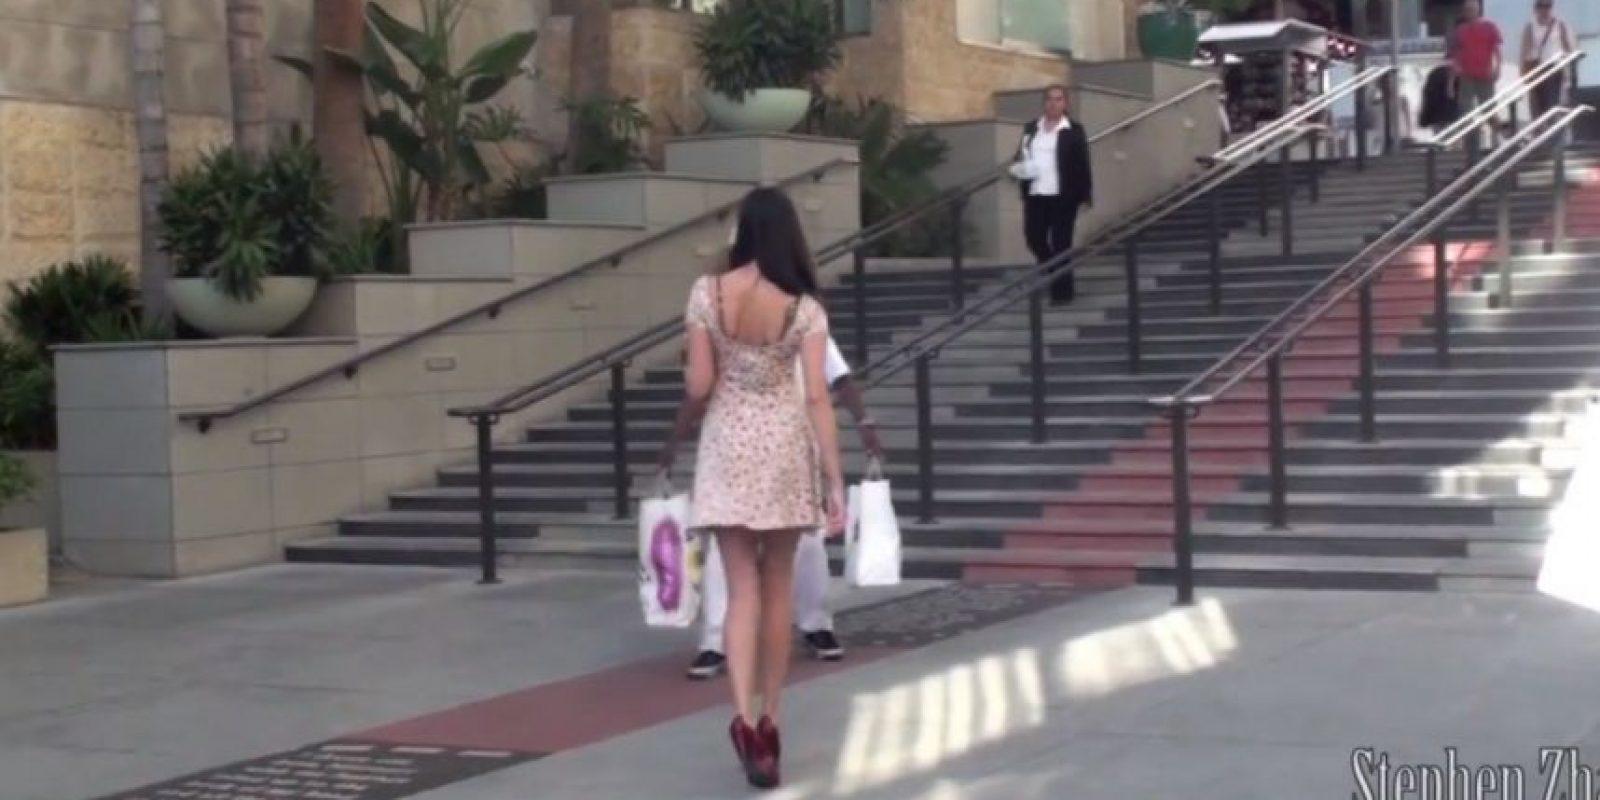 """""""Esto me da tanto miedo. Si una mujer se encuentra en esta posición y los hombres quieren tomar ventaja, qué desagradable"""". Foto:Captura de pantalla"""